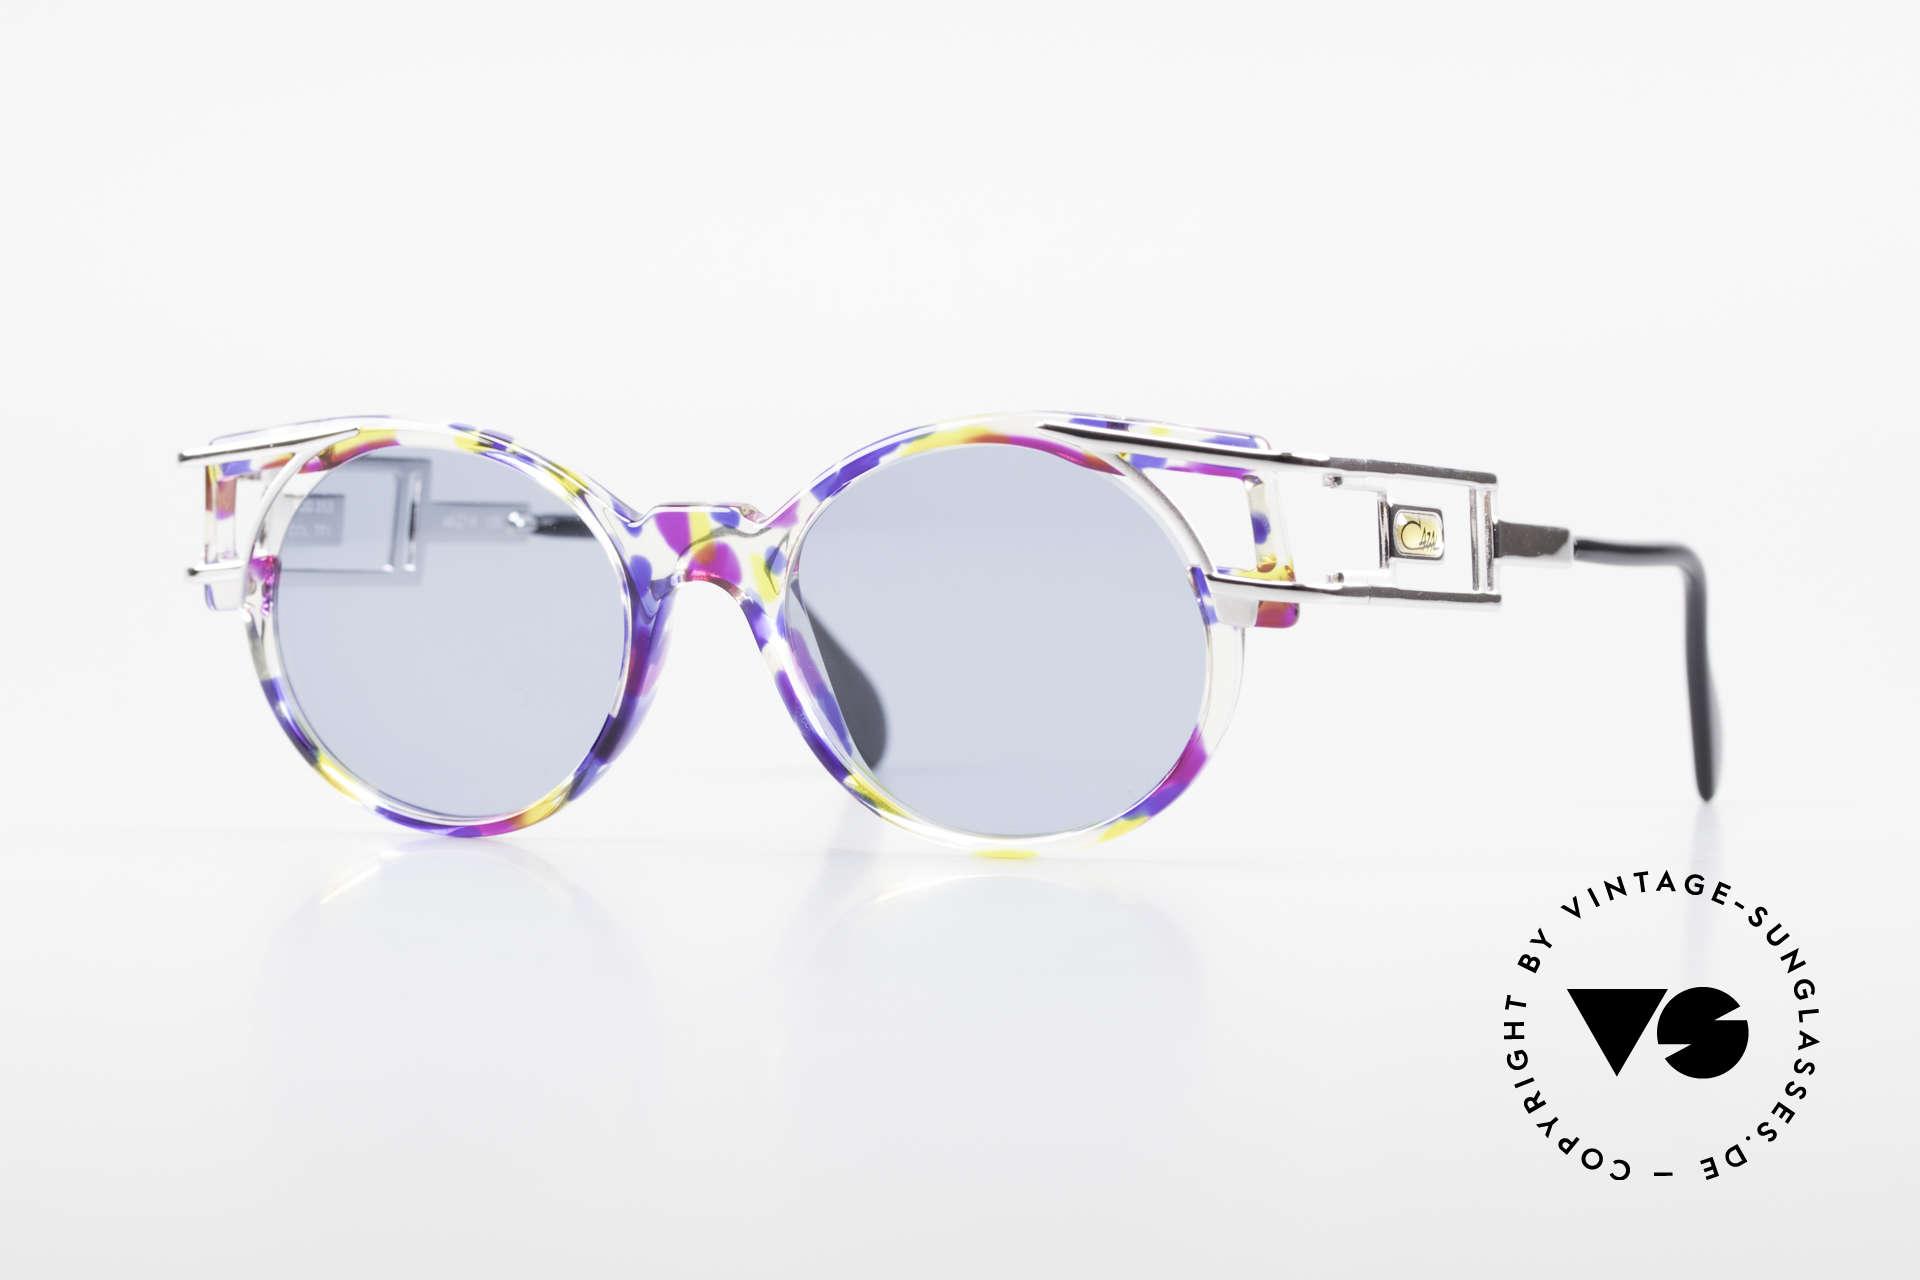 Cazal 353 Alte Cazal Hip Hop Brille 90er, alte vintage Cazal Designerbrille aus dem Jahre 1991, Passend für Herren und Damen